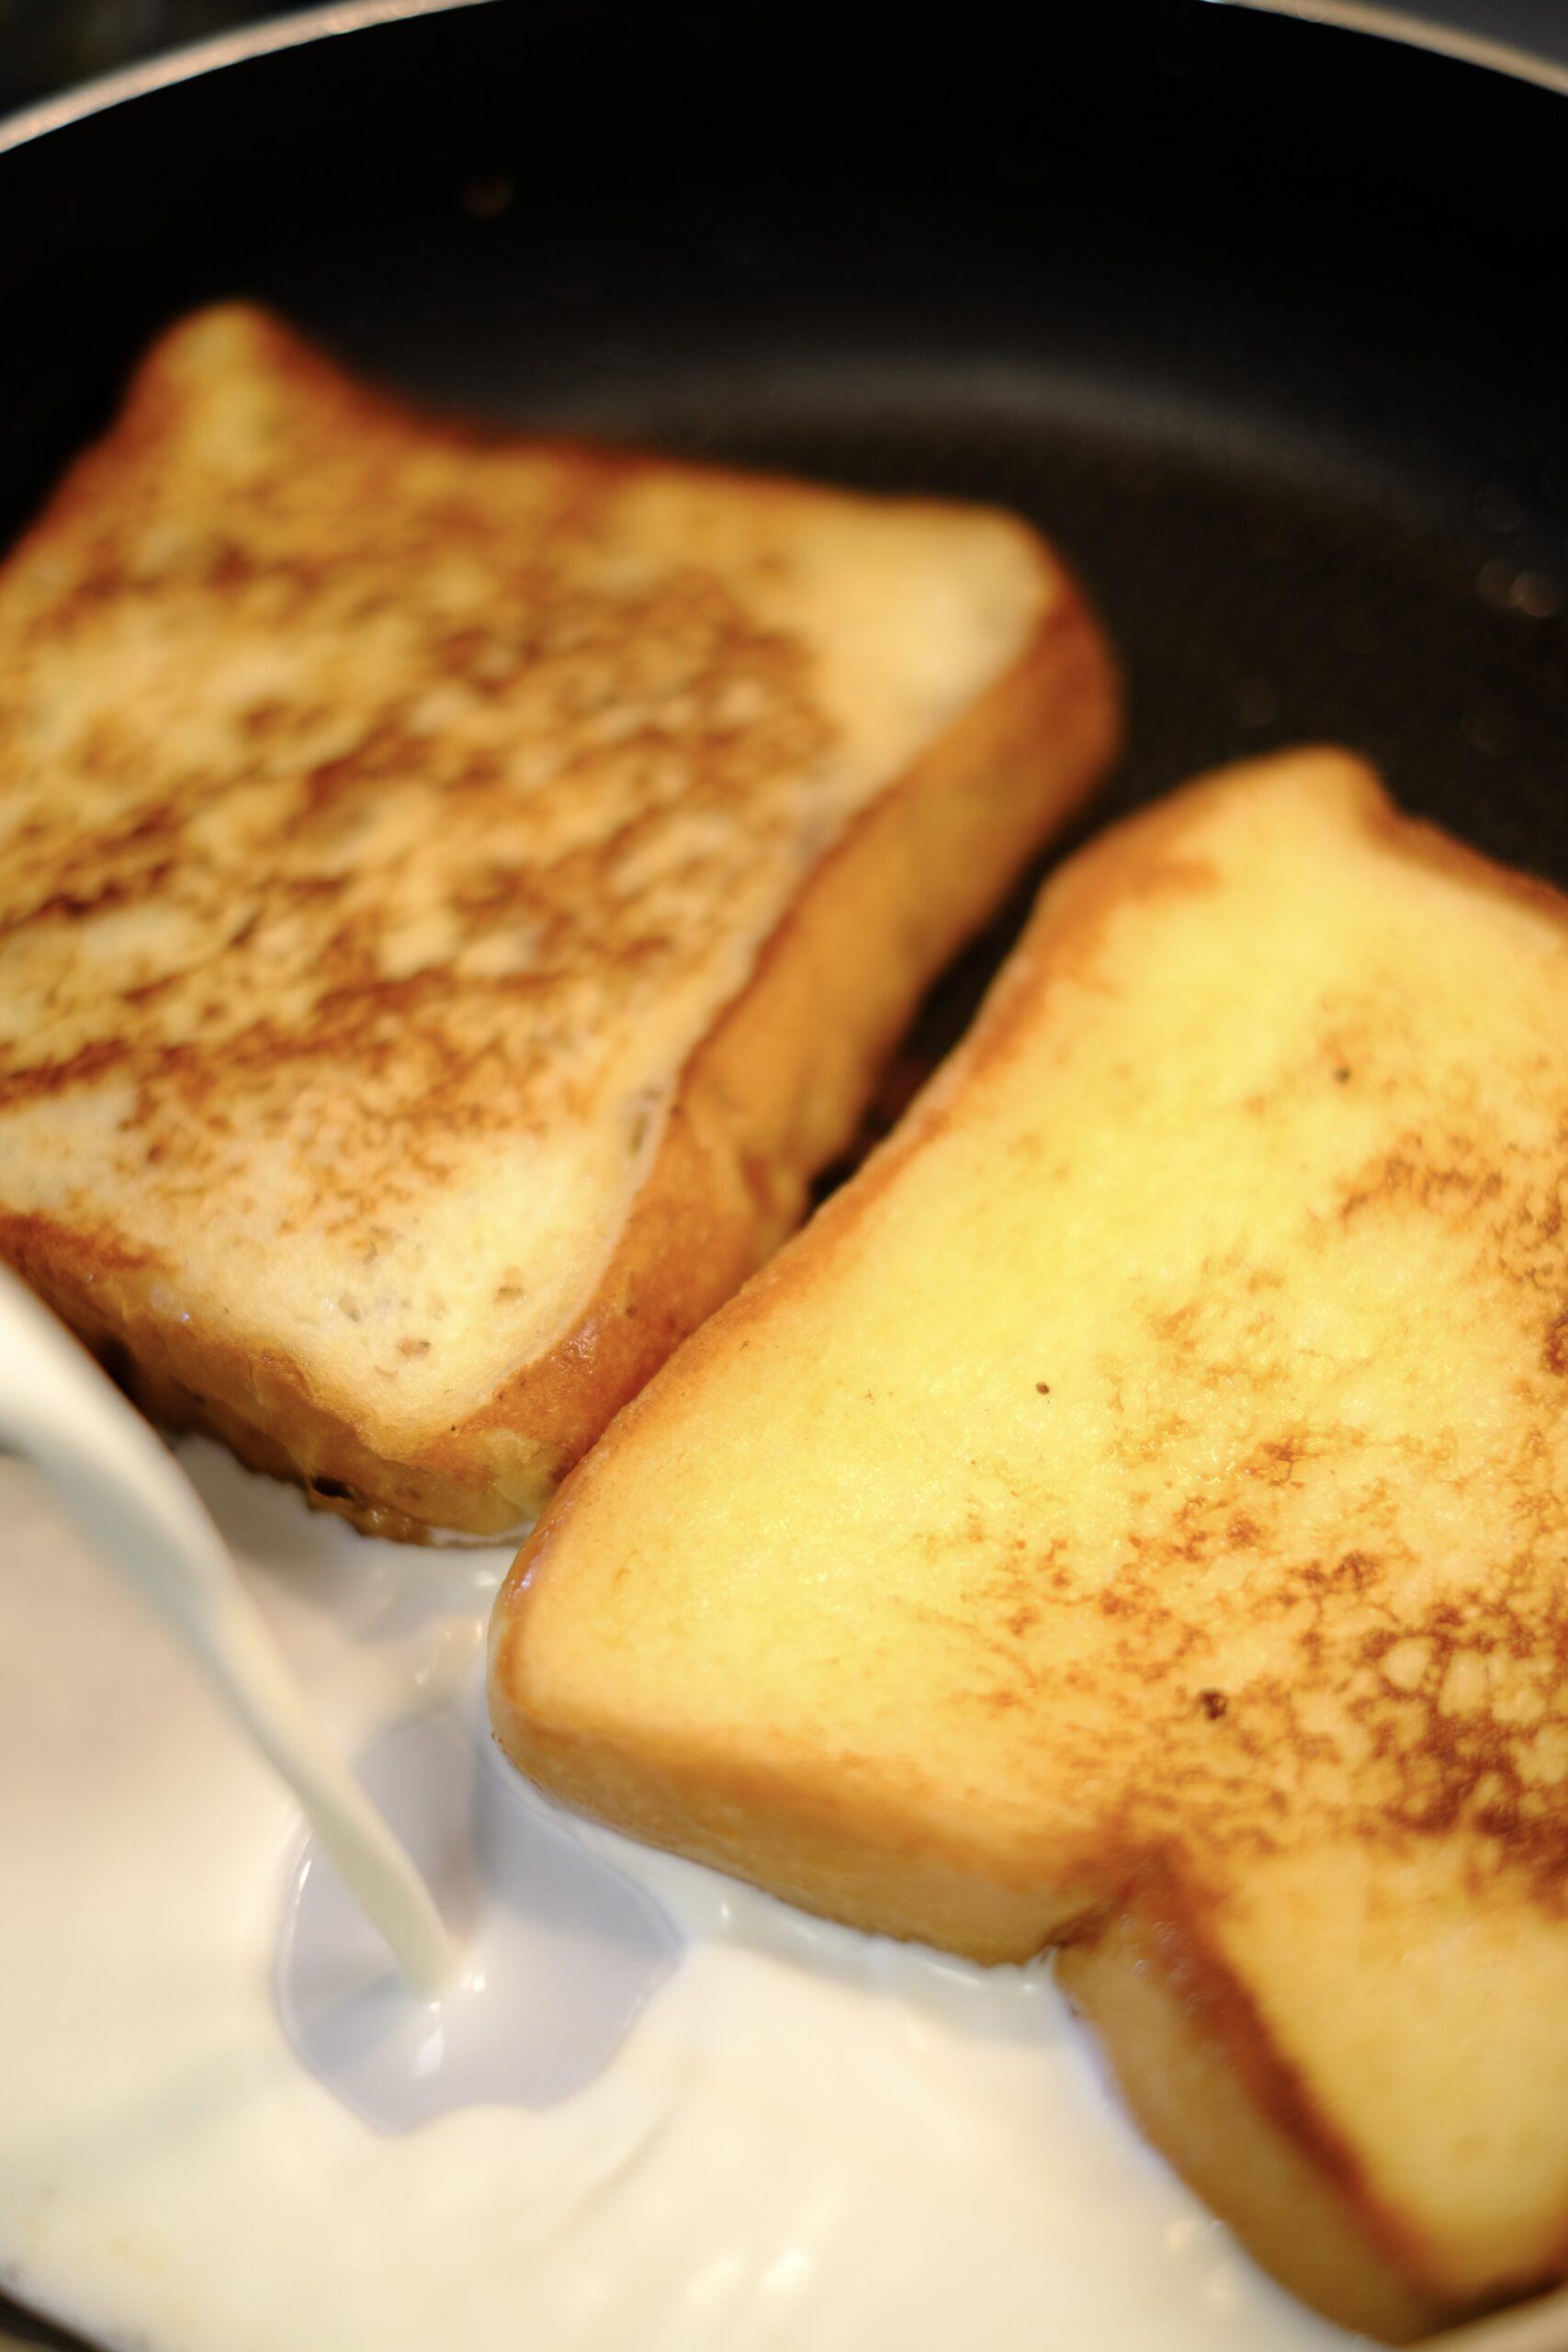 パンを焼いているフライパンに牛乳と生クリームを加えているようすの画像です